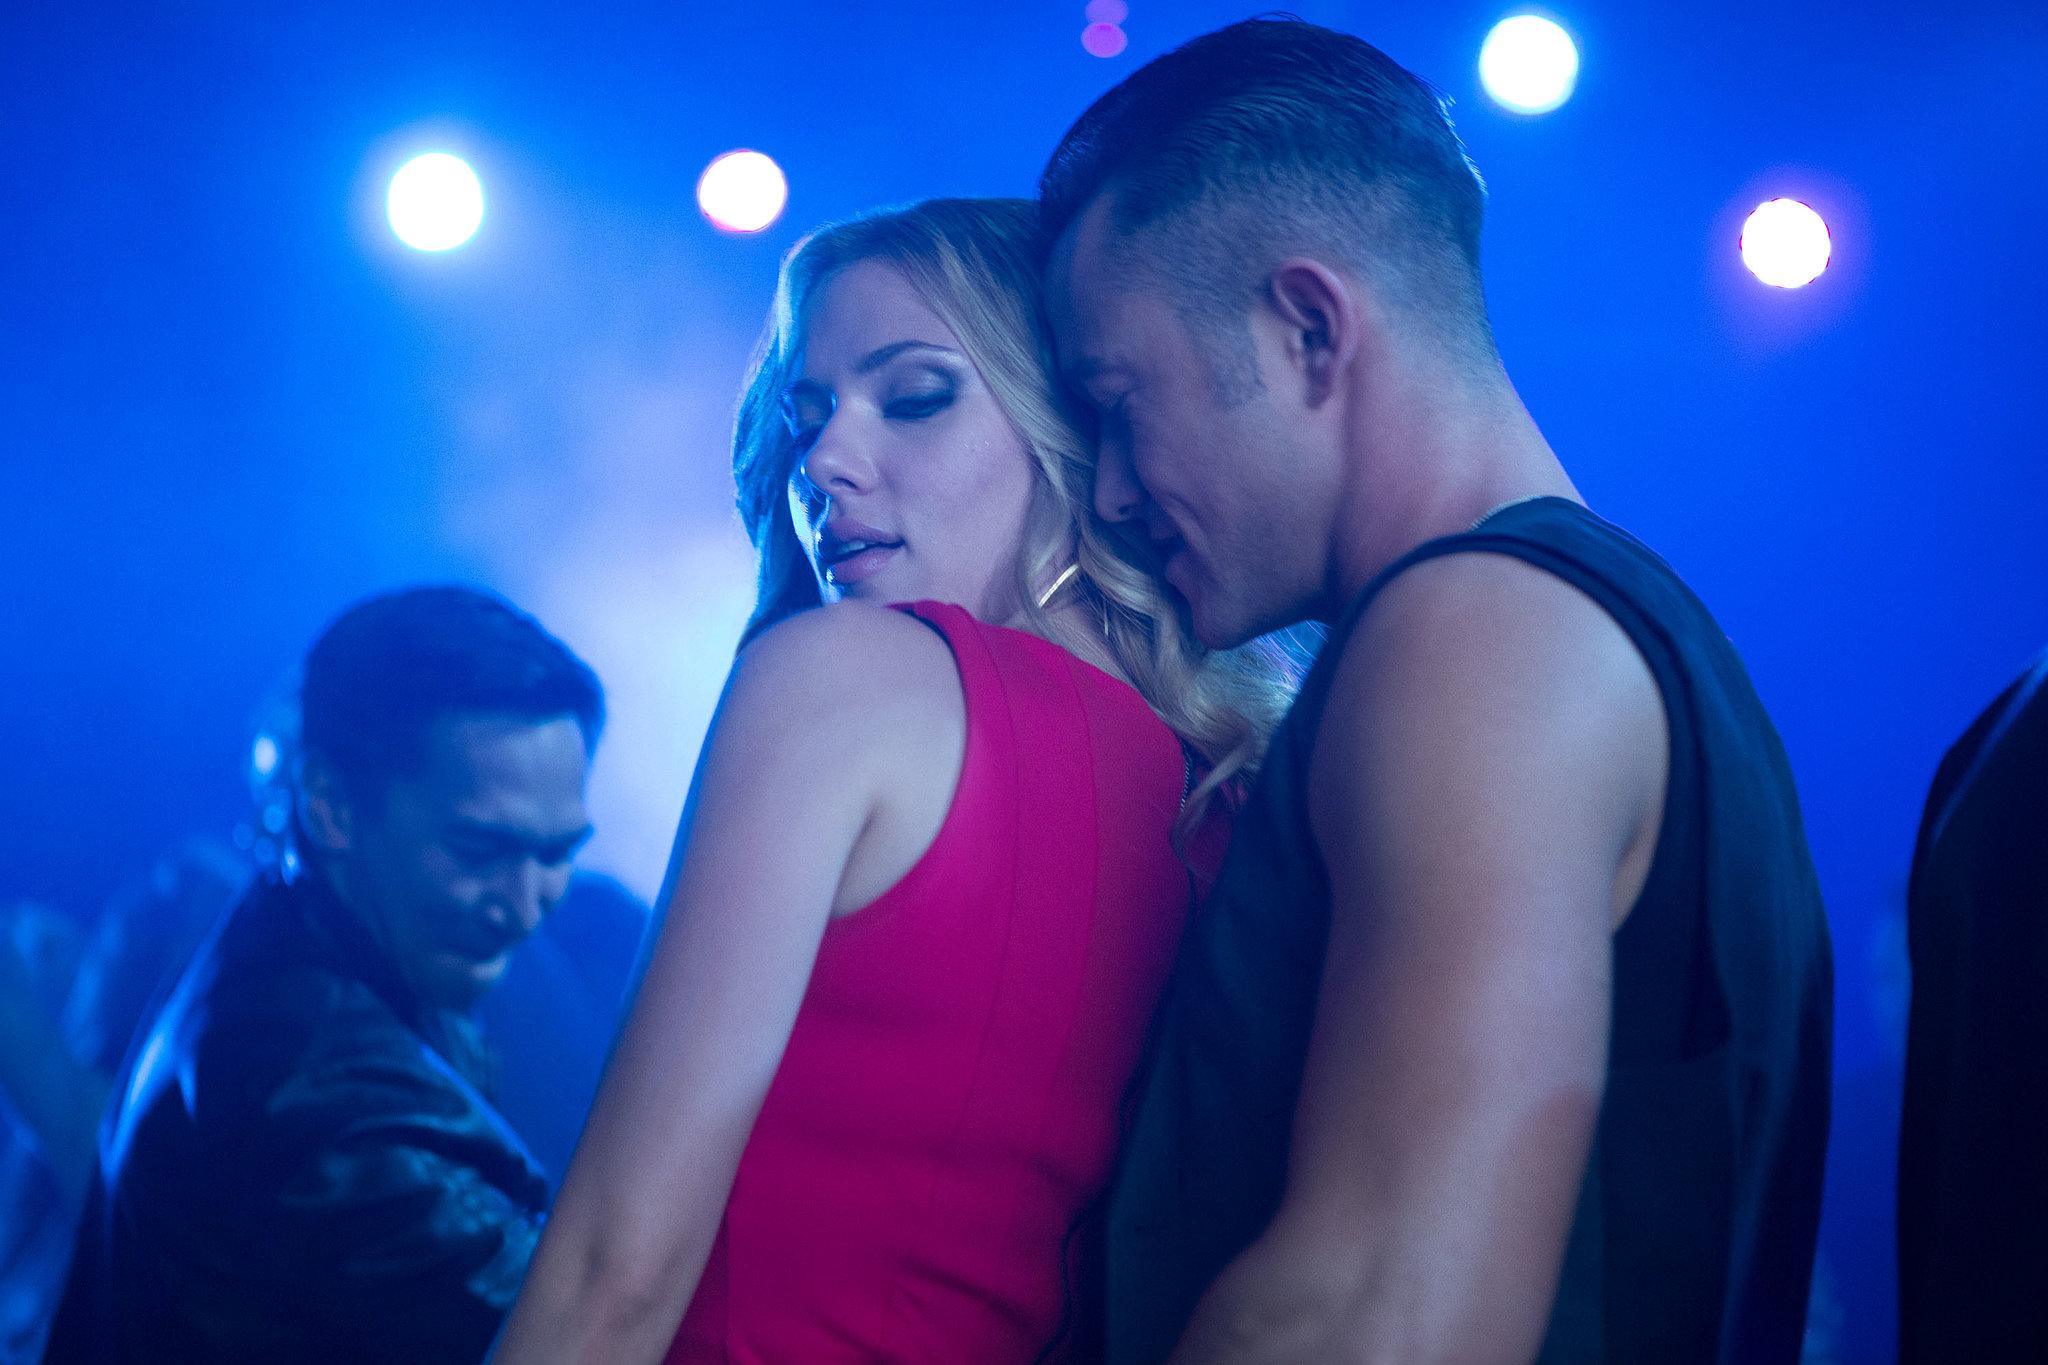 film porno con gay night club trento